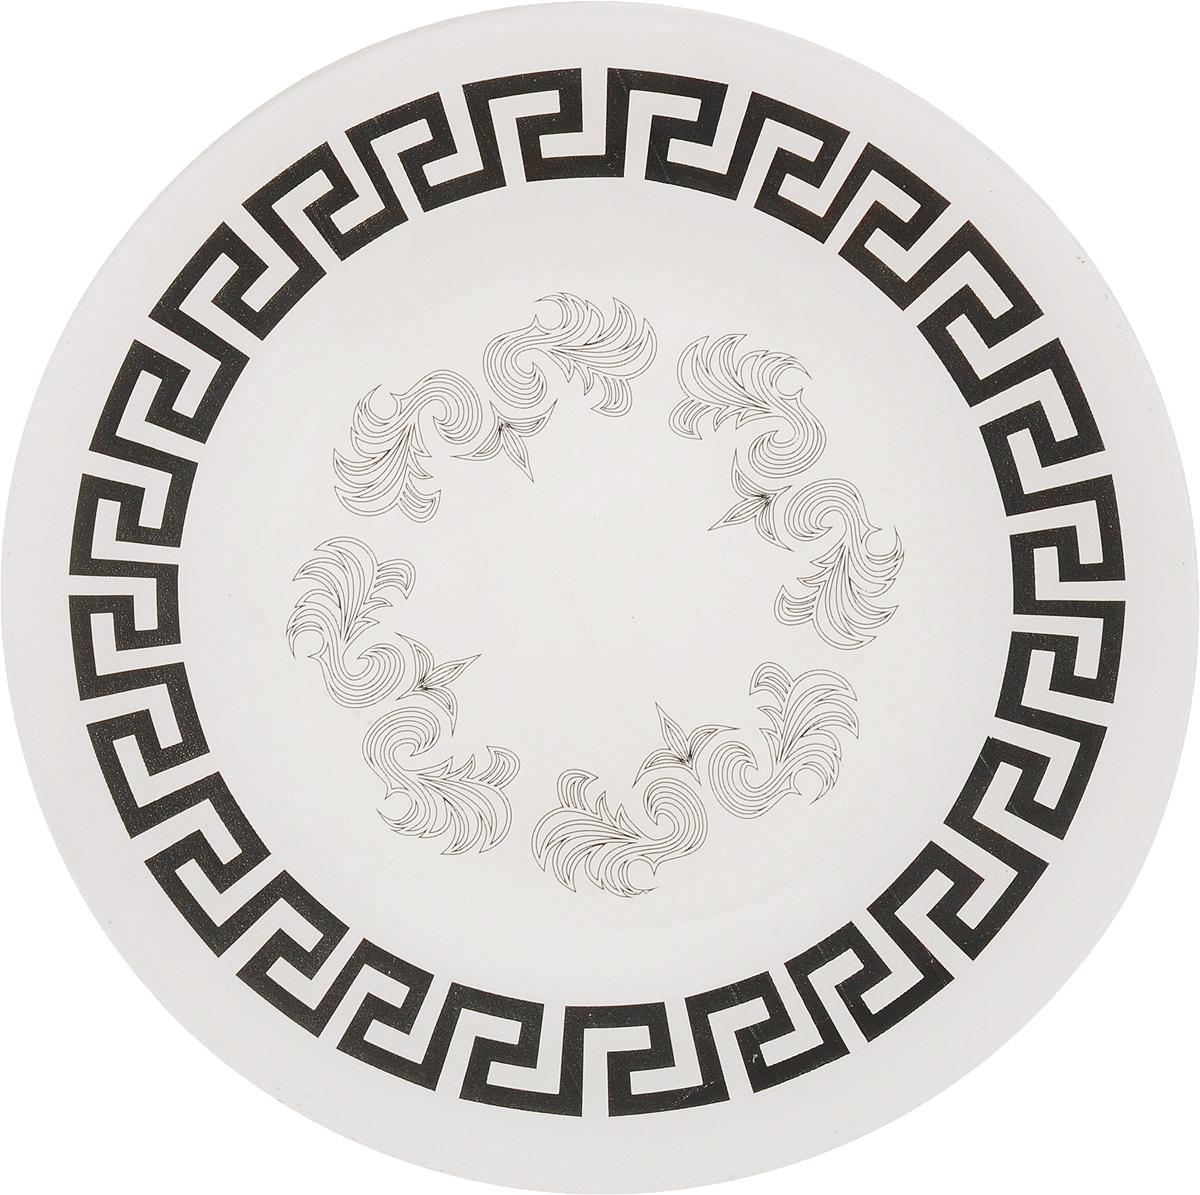 Тарелка обеденная Гусь-Хрустальный Греческий узор, диаметр 26 смP-328Глубокая тарелка Гусь-Хрустальный Греческий узор изготовлена из высококачественного натрий-кальций-силикатного стекла. Изделие выполнено в белом цвете и оформлено красивым черным орнаментом. Она прекрасно впишется в интерьер вашей кухни и станет достойным дополнением к кухонному инвентарю. Тарелка Гусь-Хрустальный Греческий узор подчеркнет прекрасный вкус хозяйки и станет отличным подарком. Диаметр тарелки: 26 см. Высота тарелки: 1,5 см.